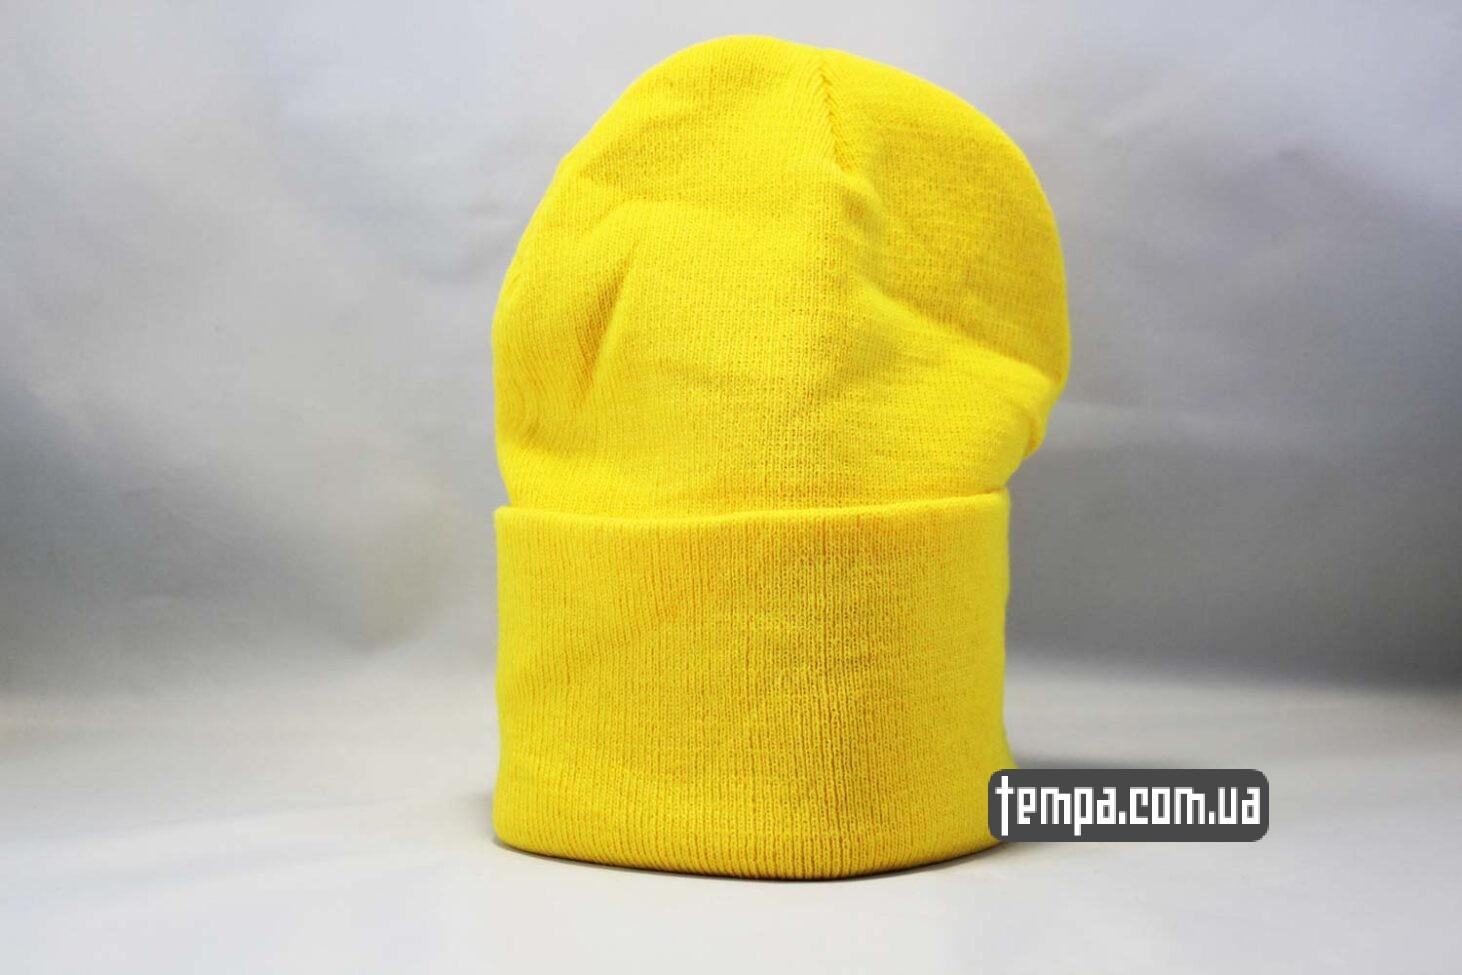 оригинальная одежда украина шапка beanie Aape желтая Украина Купить